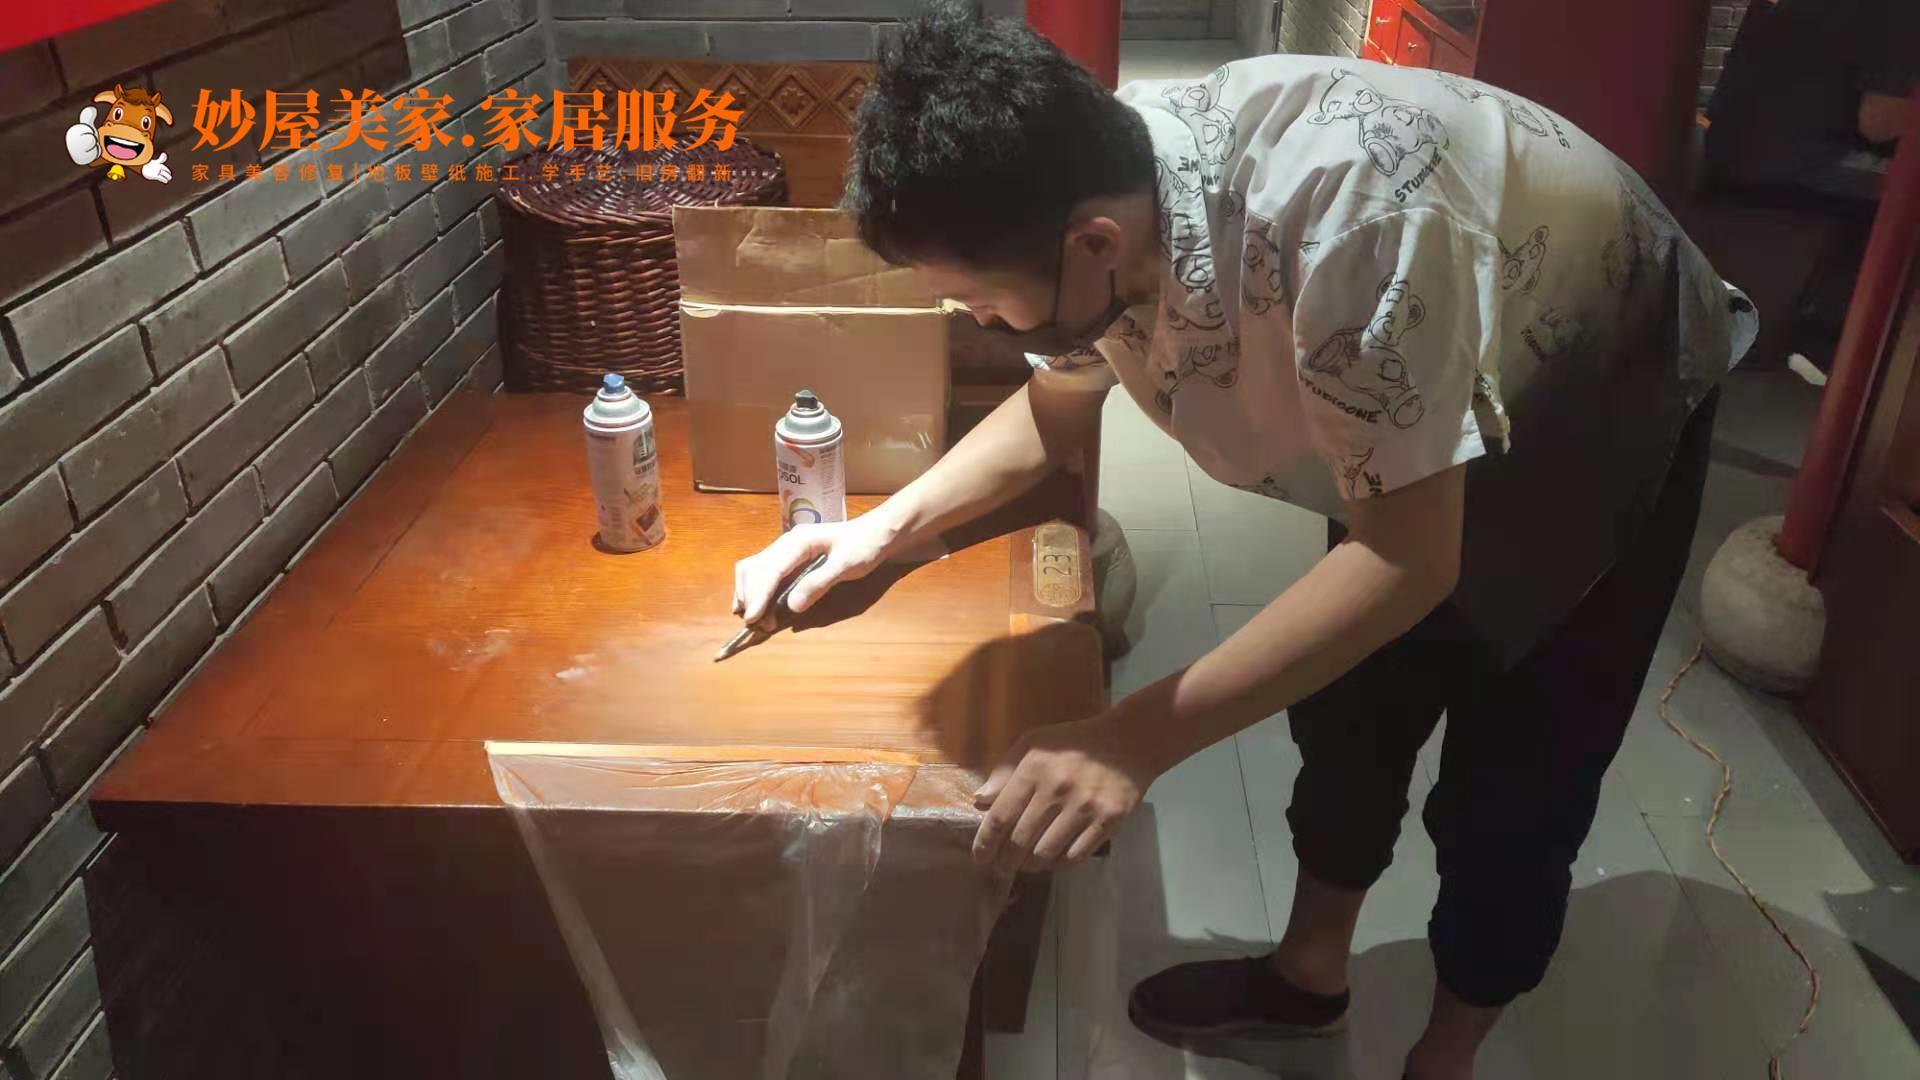 家具修复教程,修木补漆的操作步骤